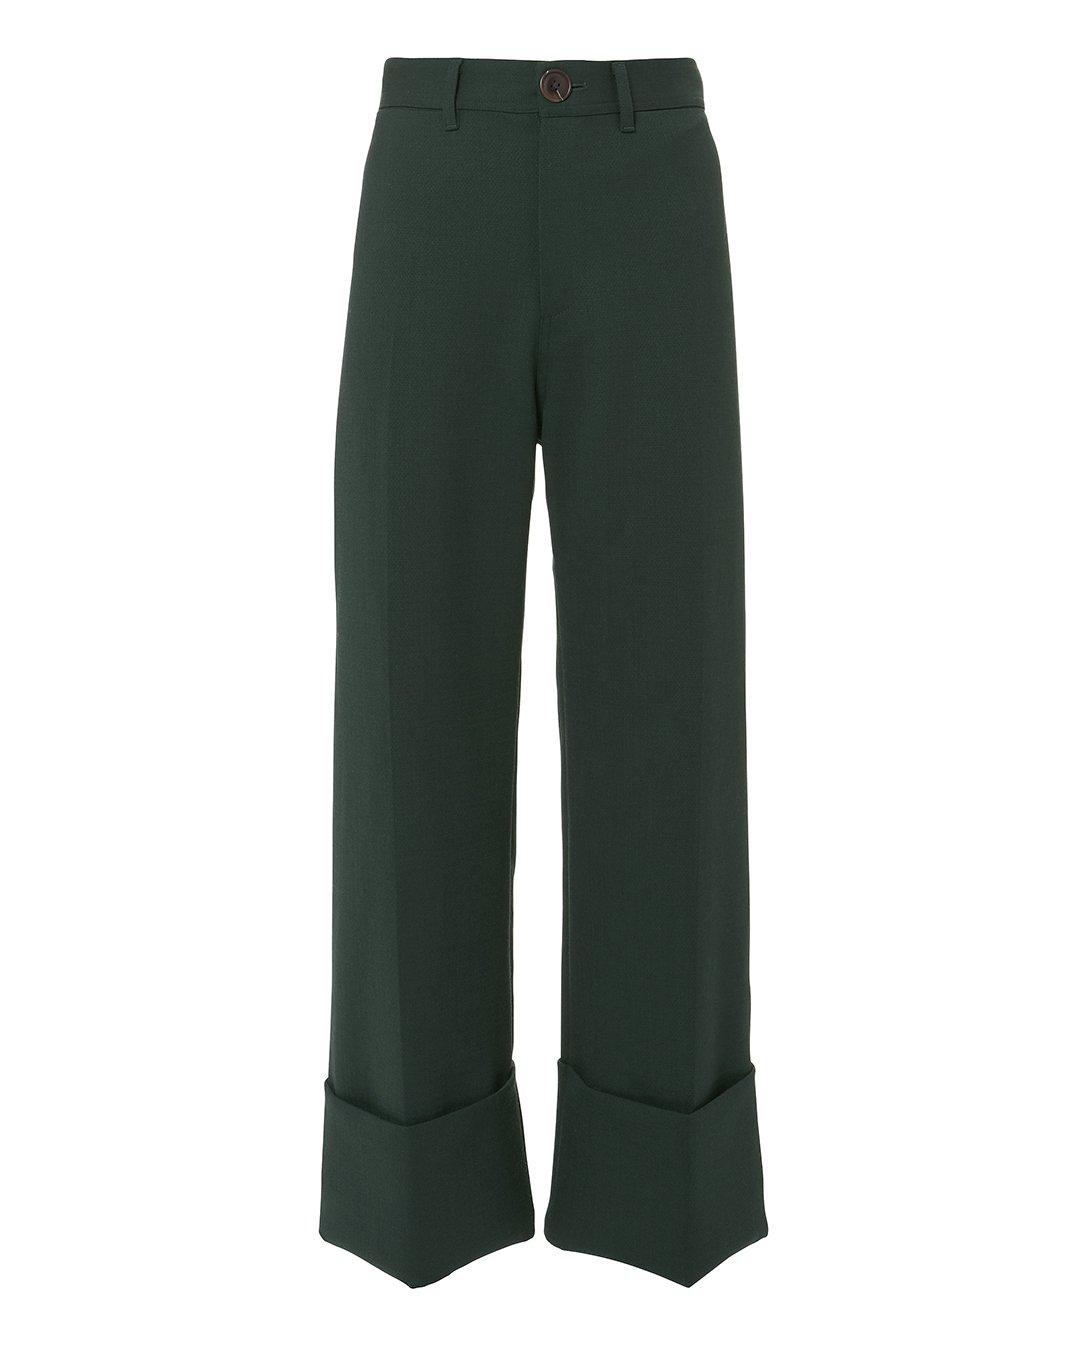 Classic Cuffed Pants